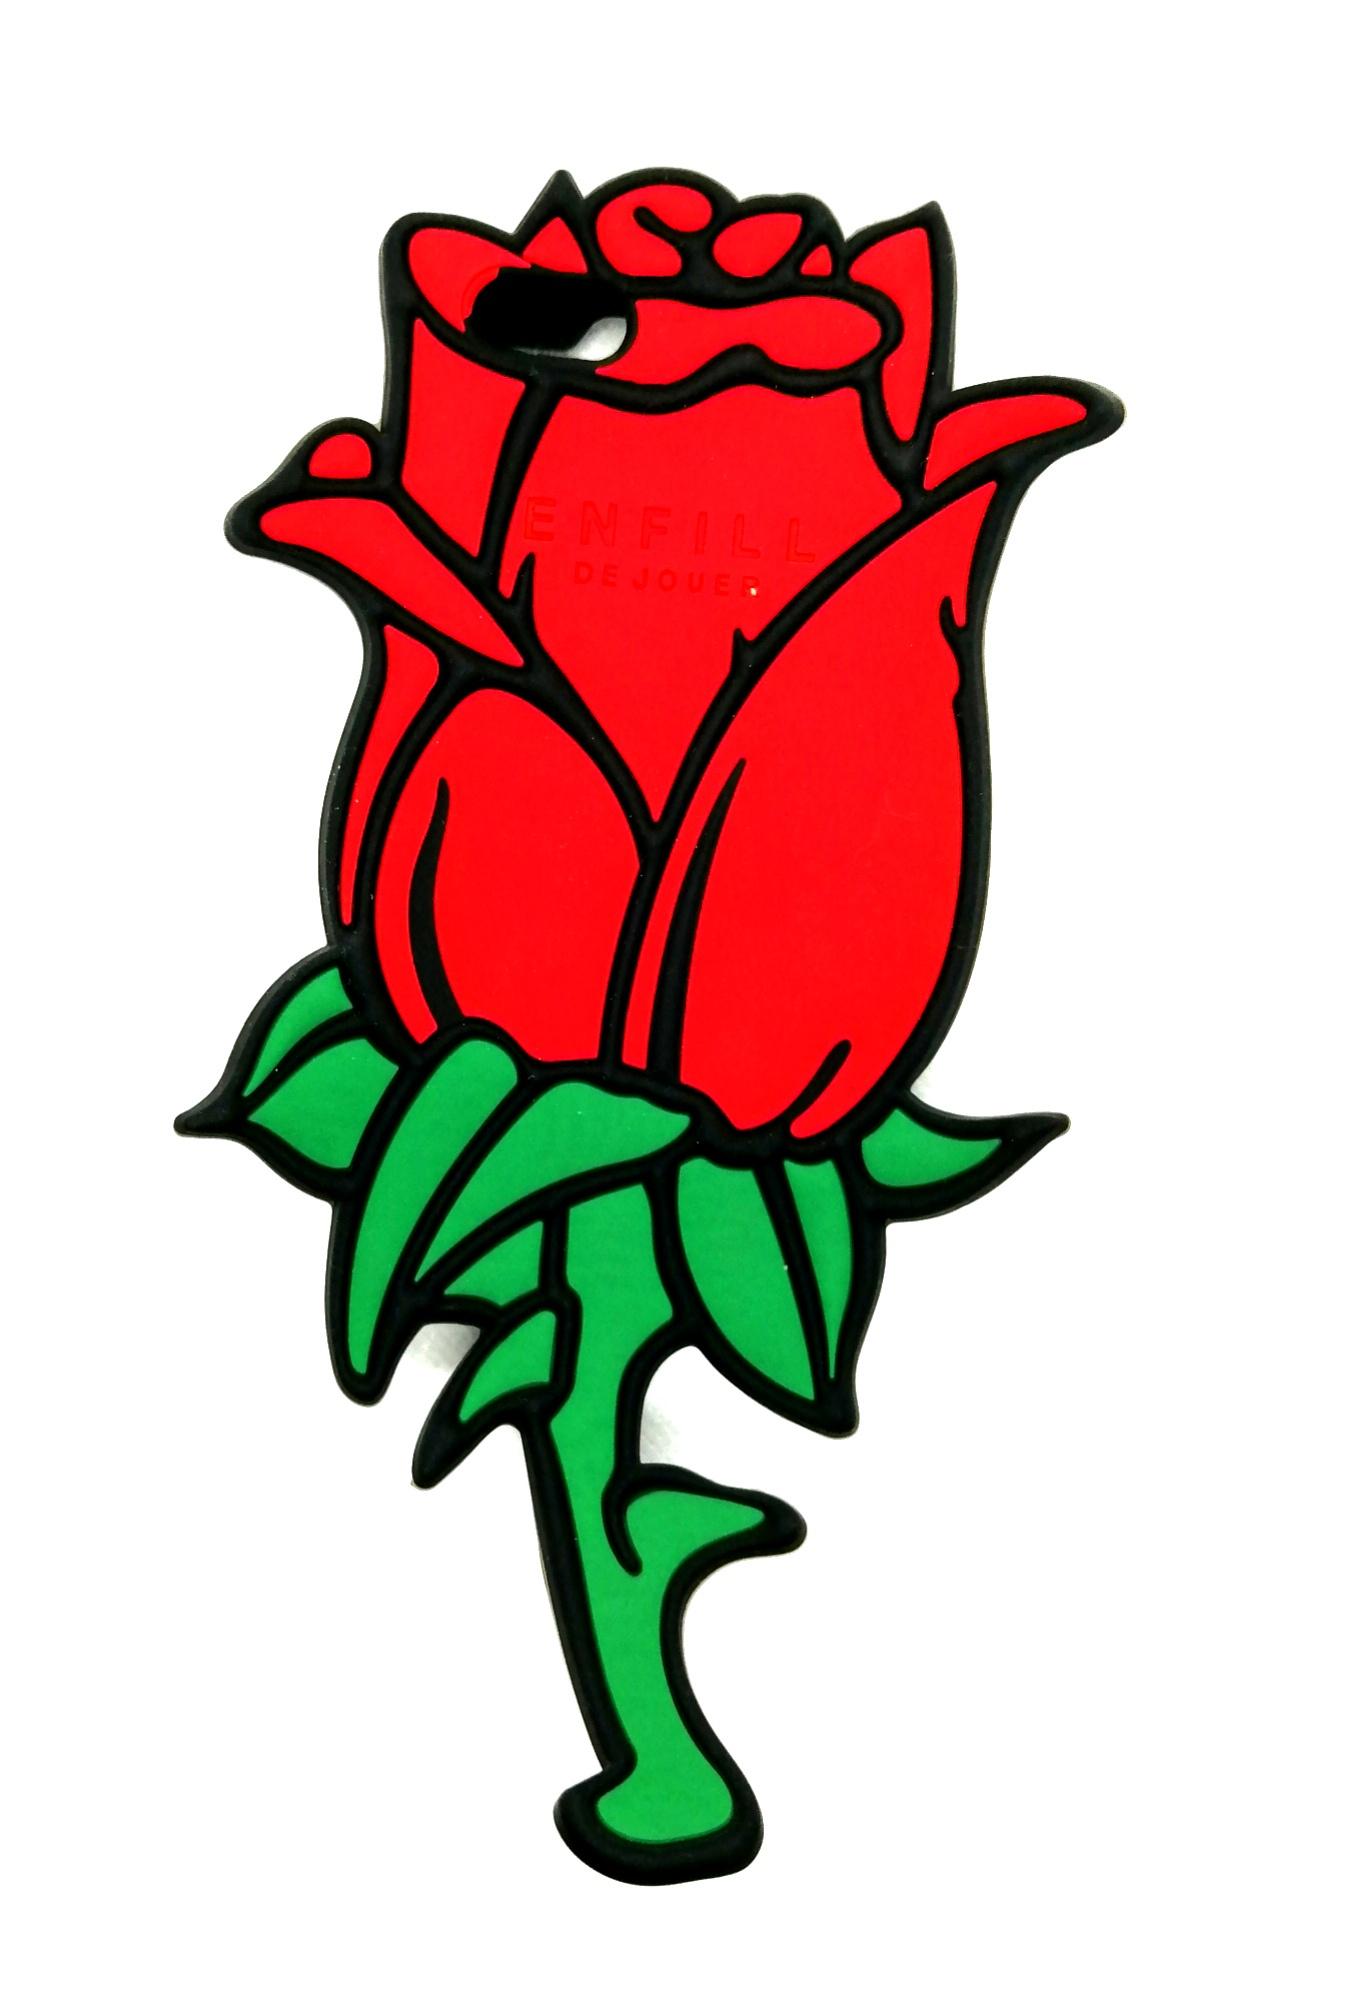 Чехол для сотового телефона ZUP ENFILL DE JOUER для Iphone 6/6S/7/8, красный чехол для сотового телефона zup lord nermal для iphone xs max черный